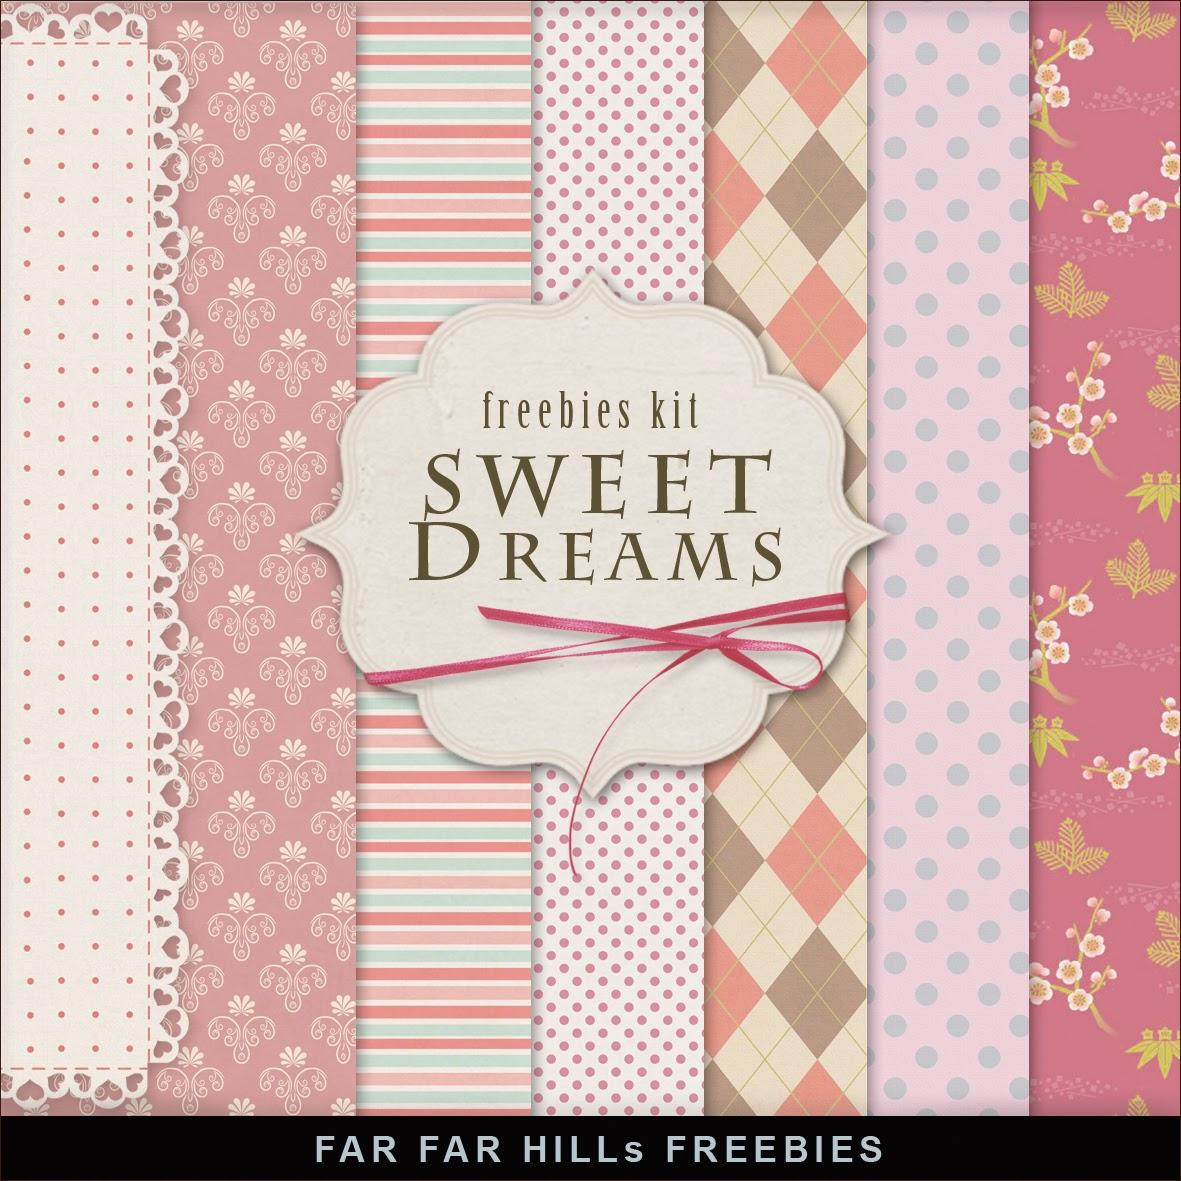 Freebies Kit - Sweet Dreams